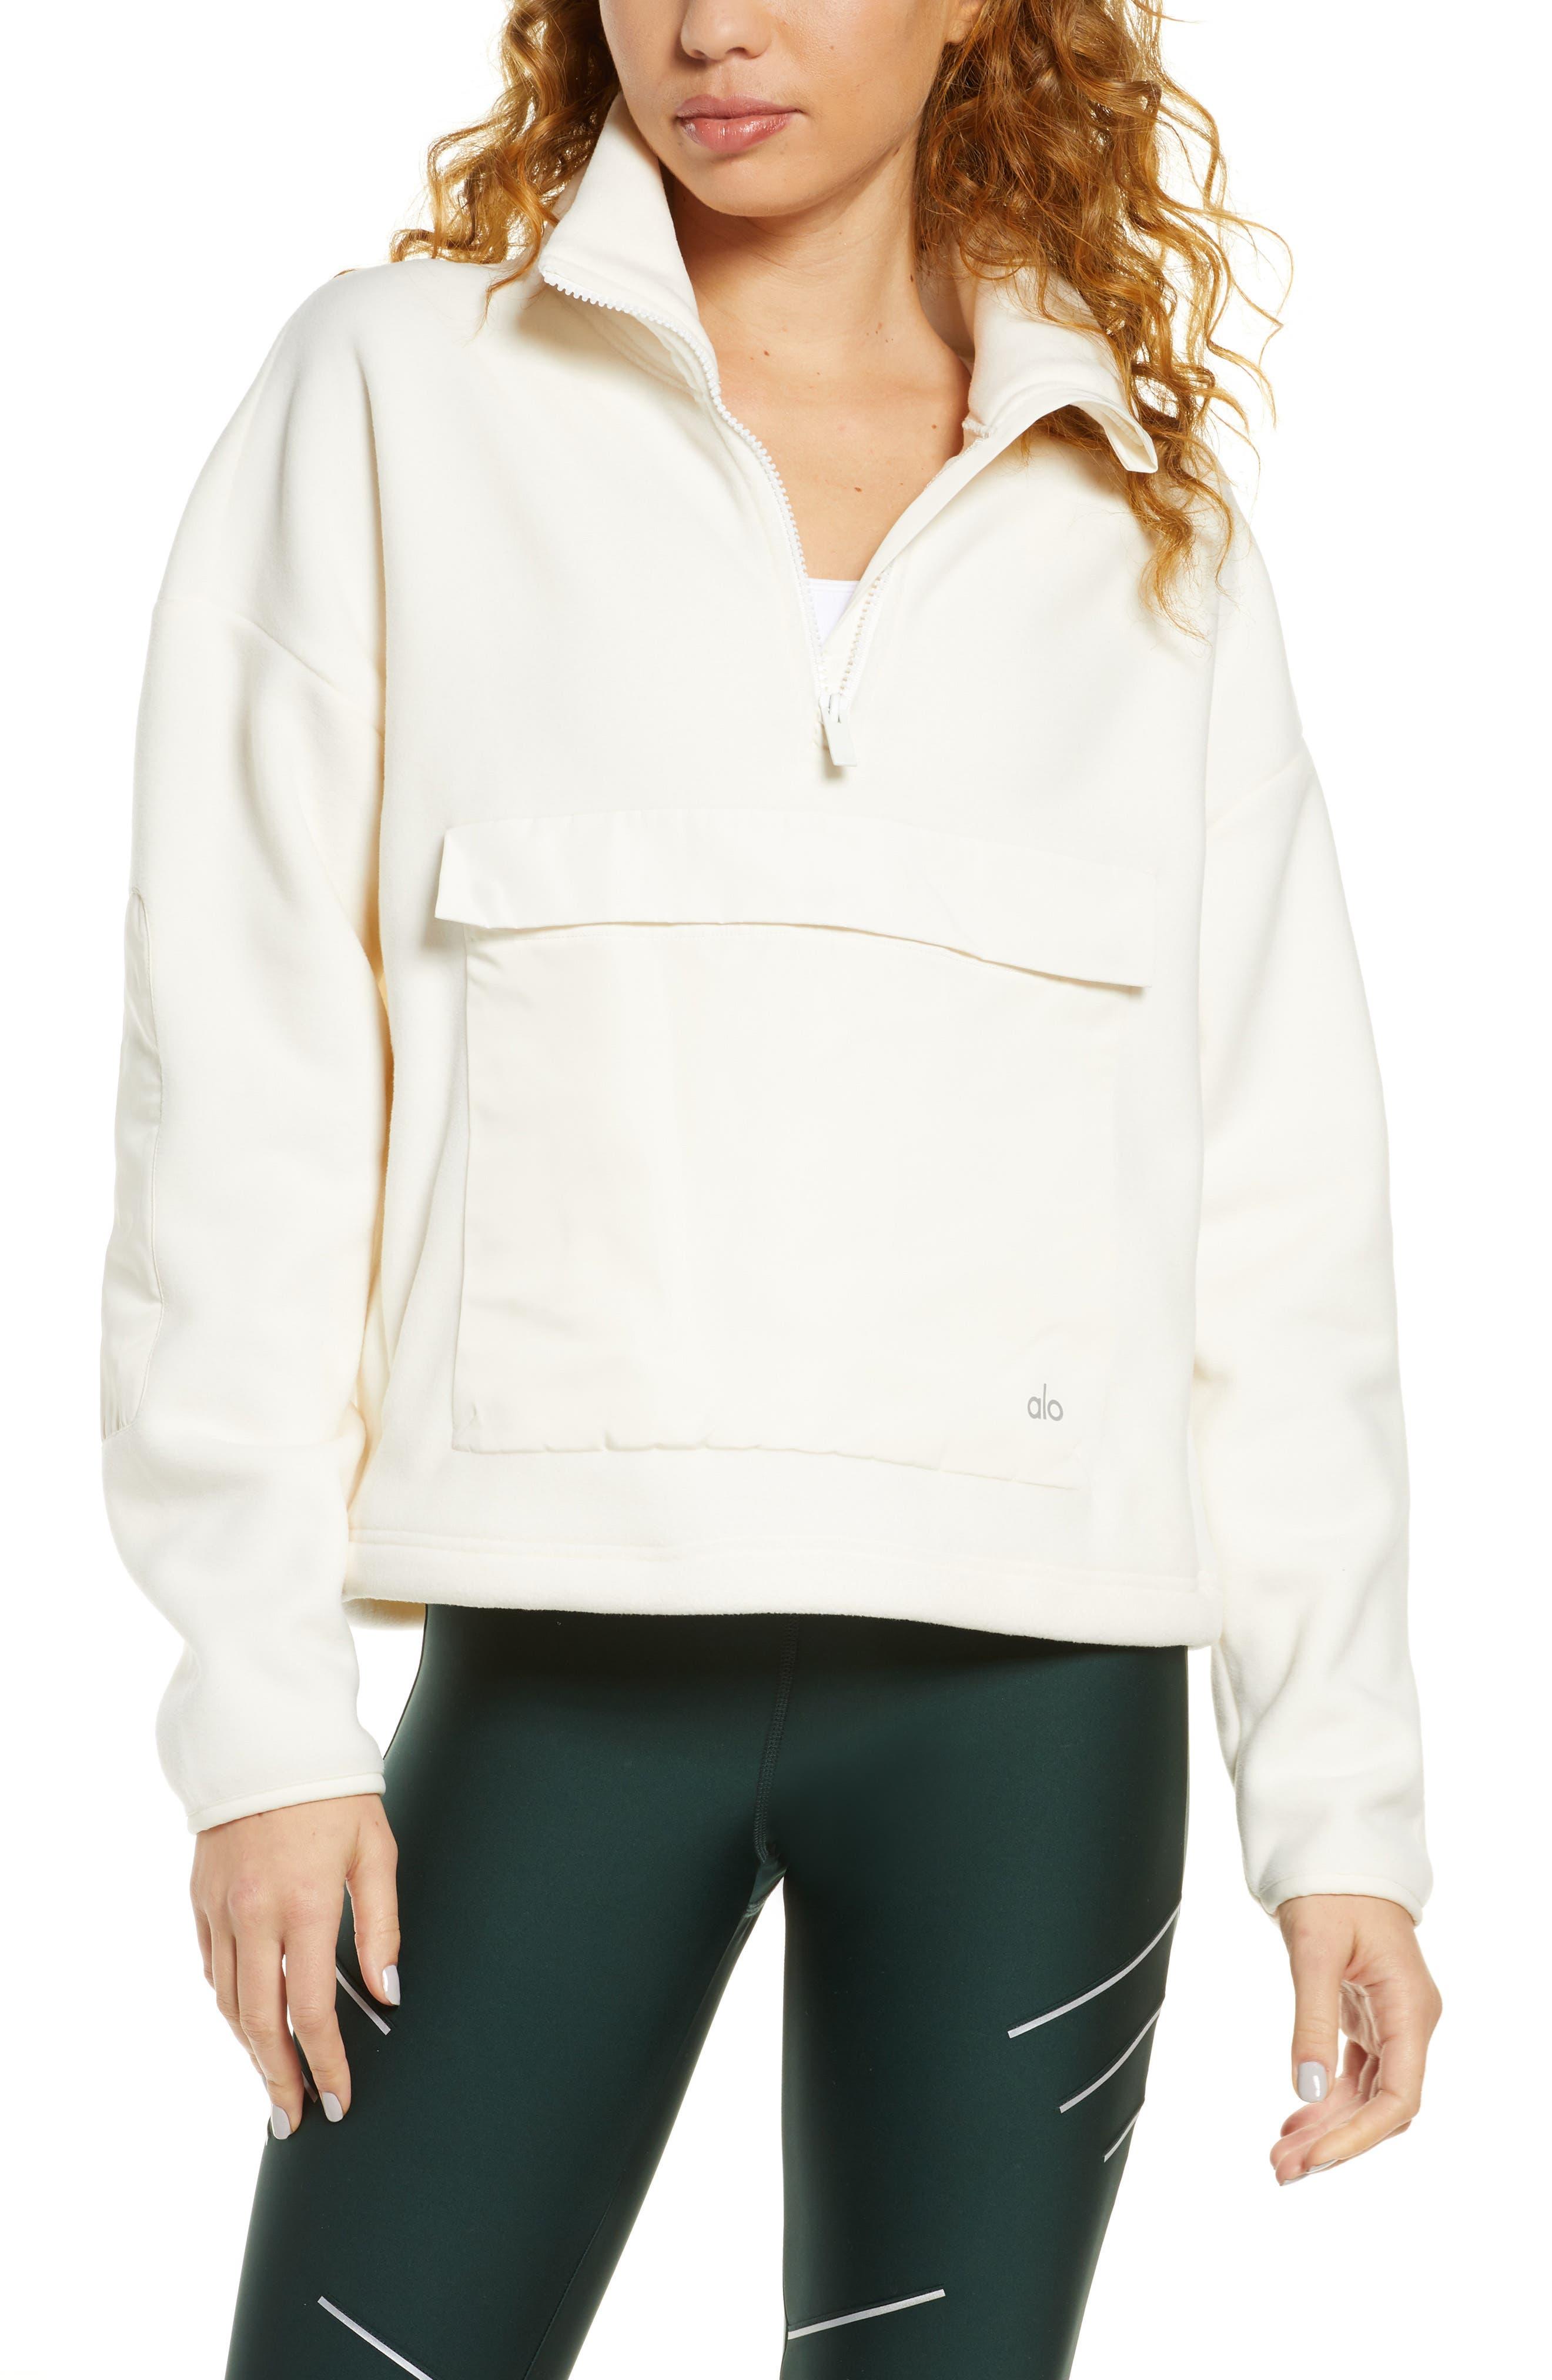 Alo Blackcomb Polar Fleece Half Zip Pullover